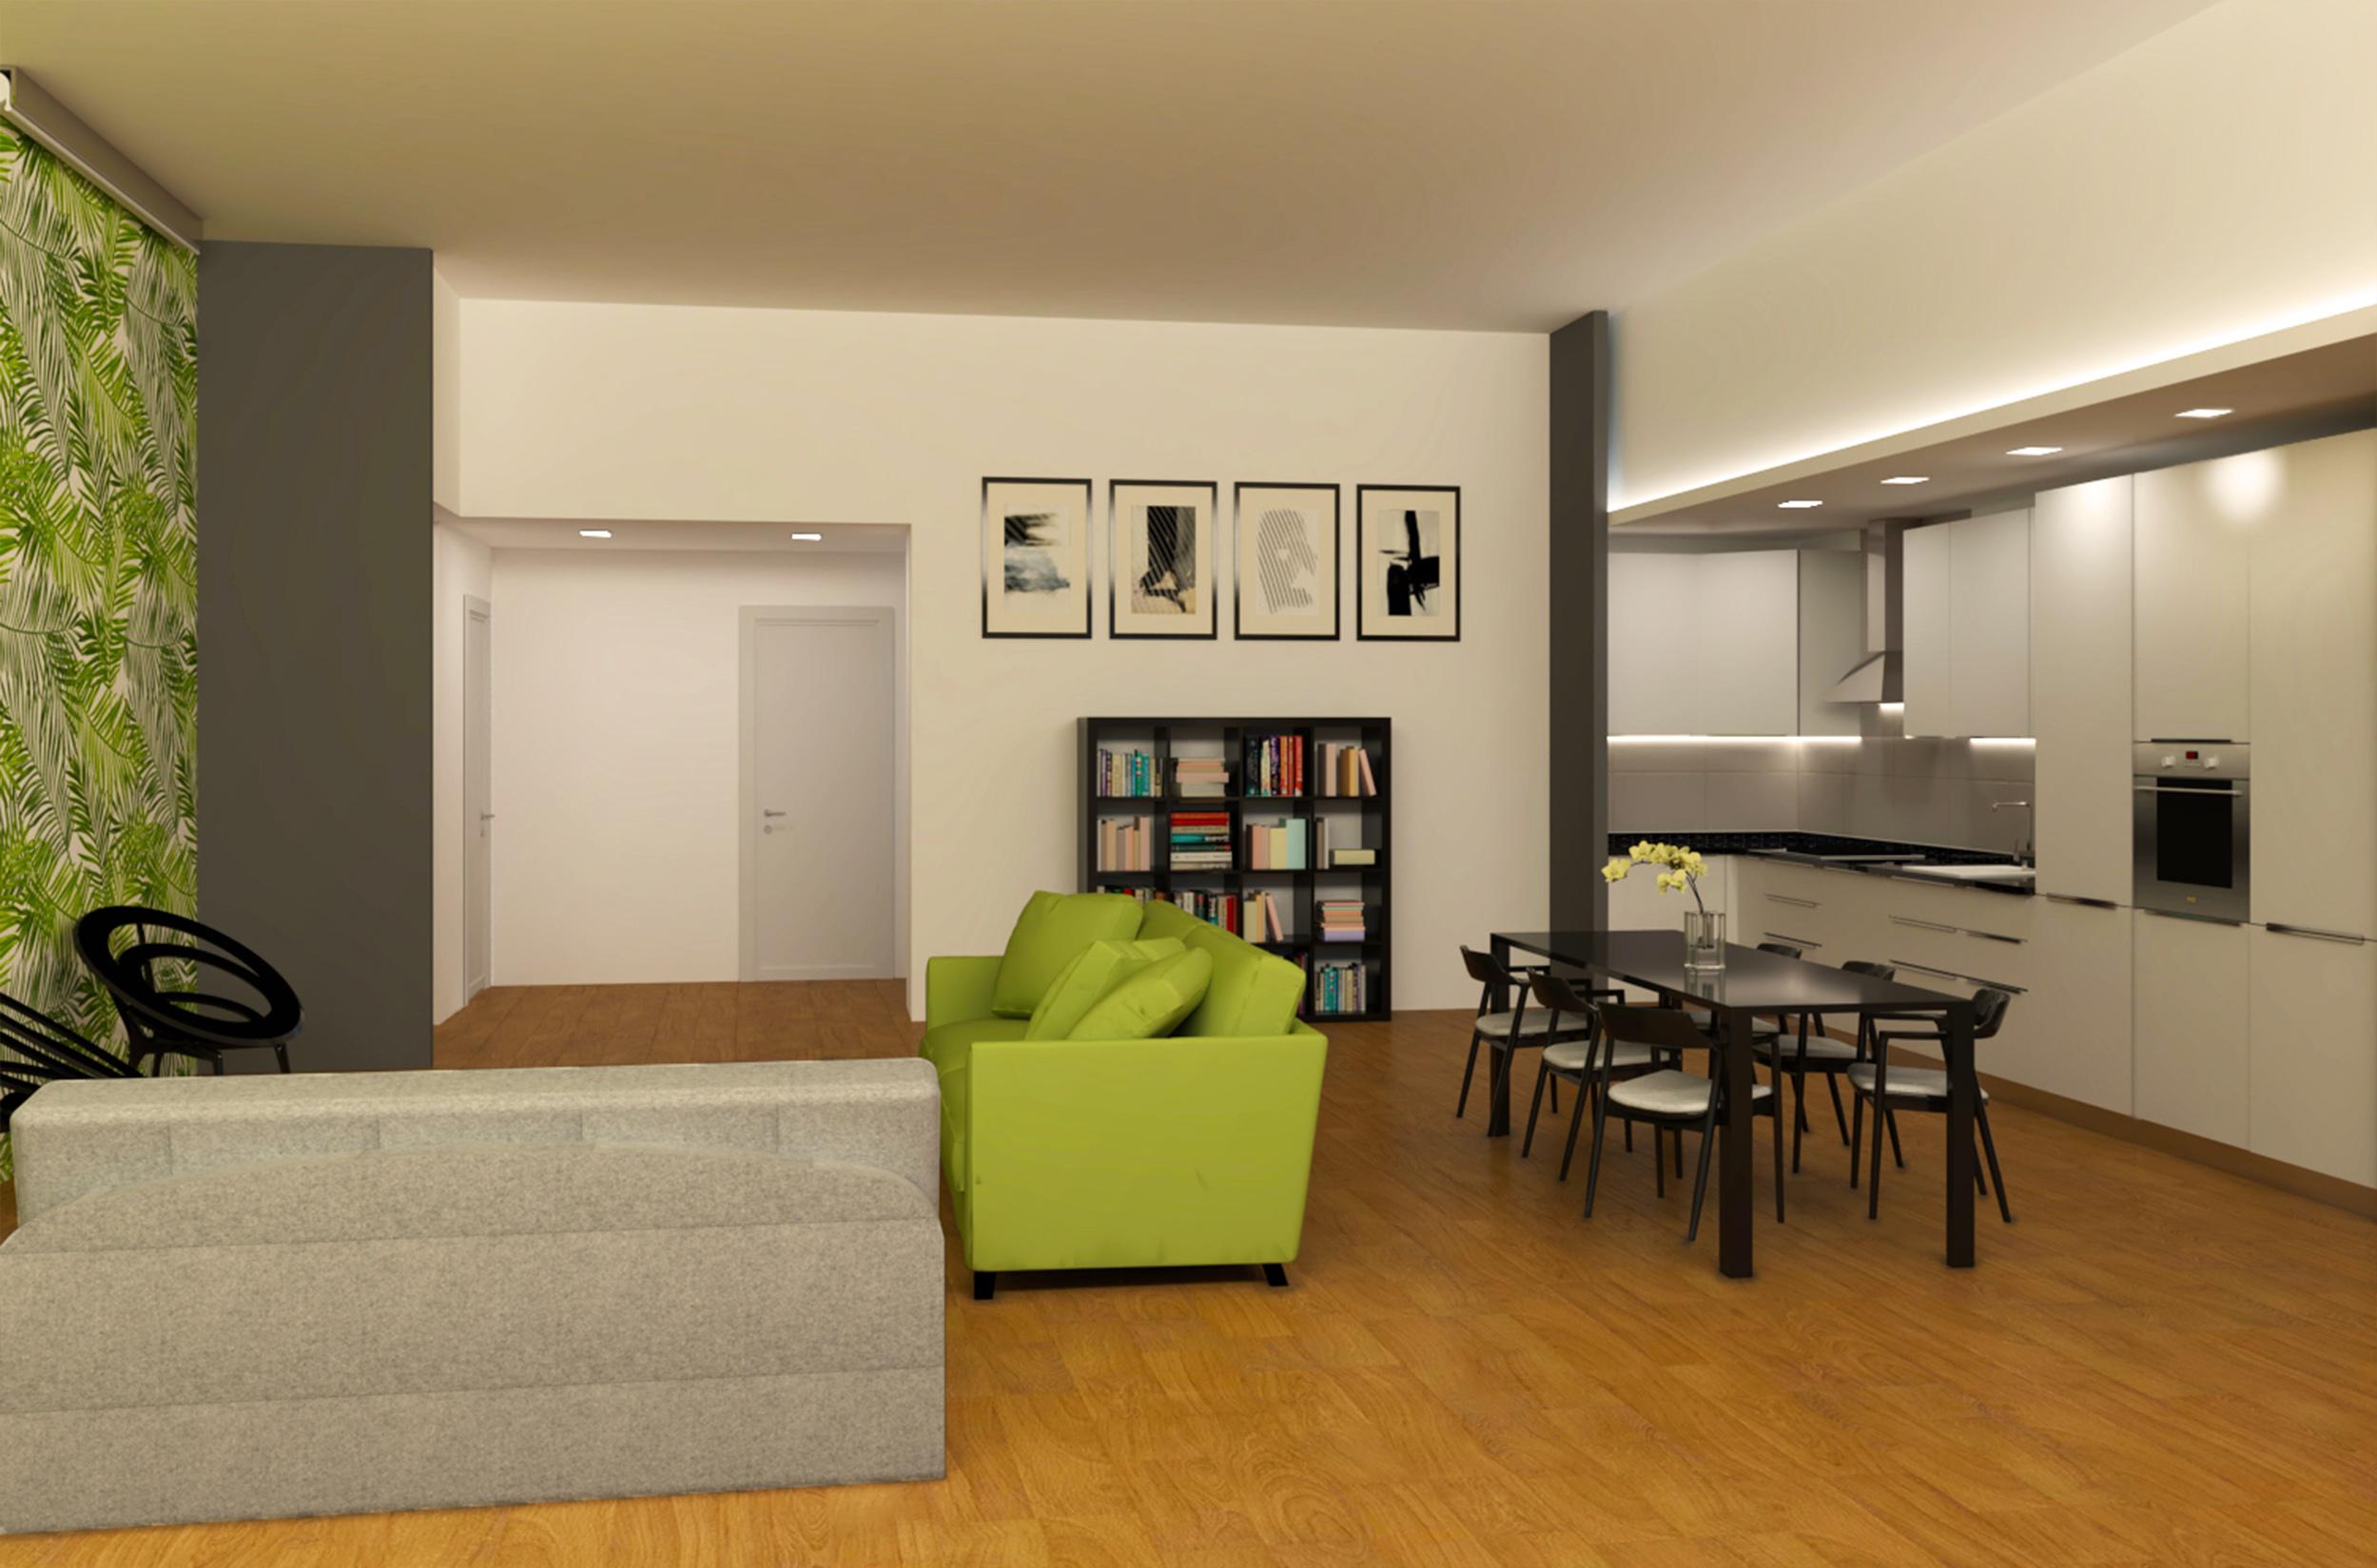 Progetto Gabriele Albanese - CASA RG_20 - Area Living ristrutturazione appartamento Milano